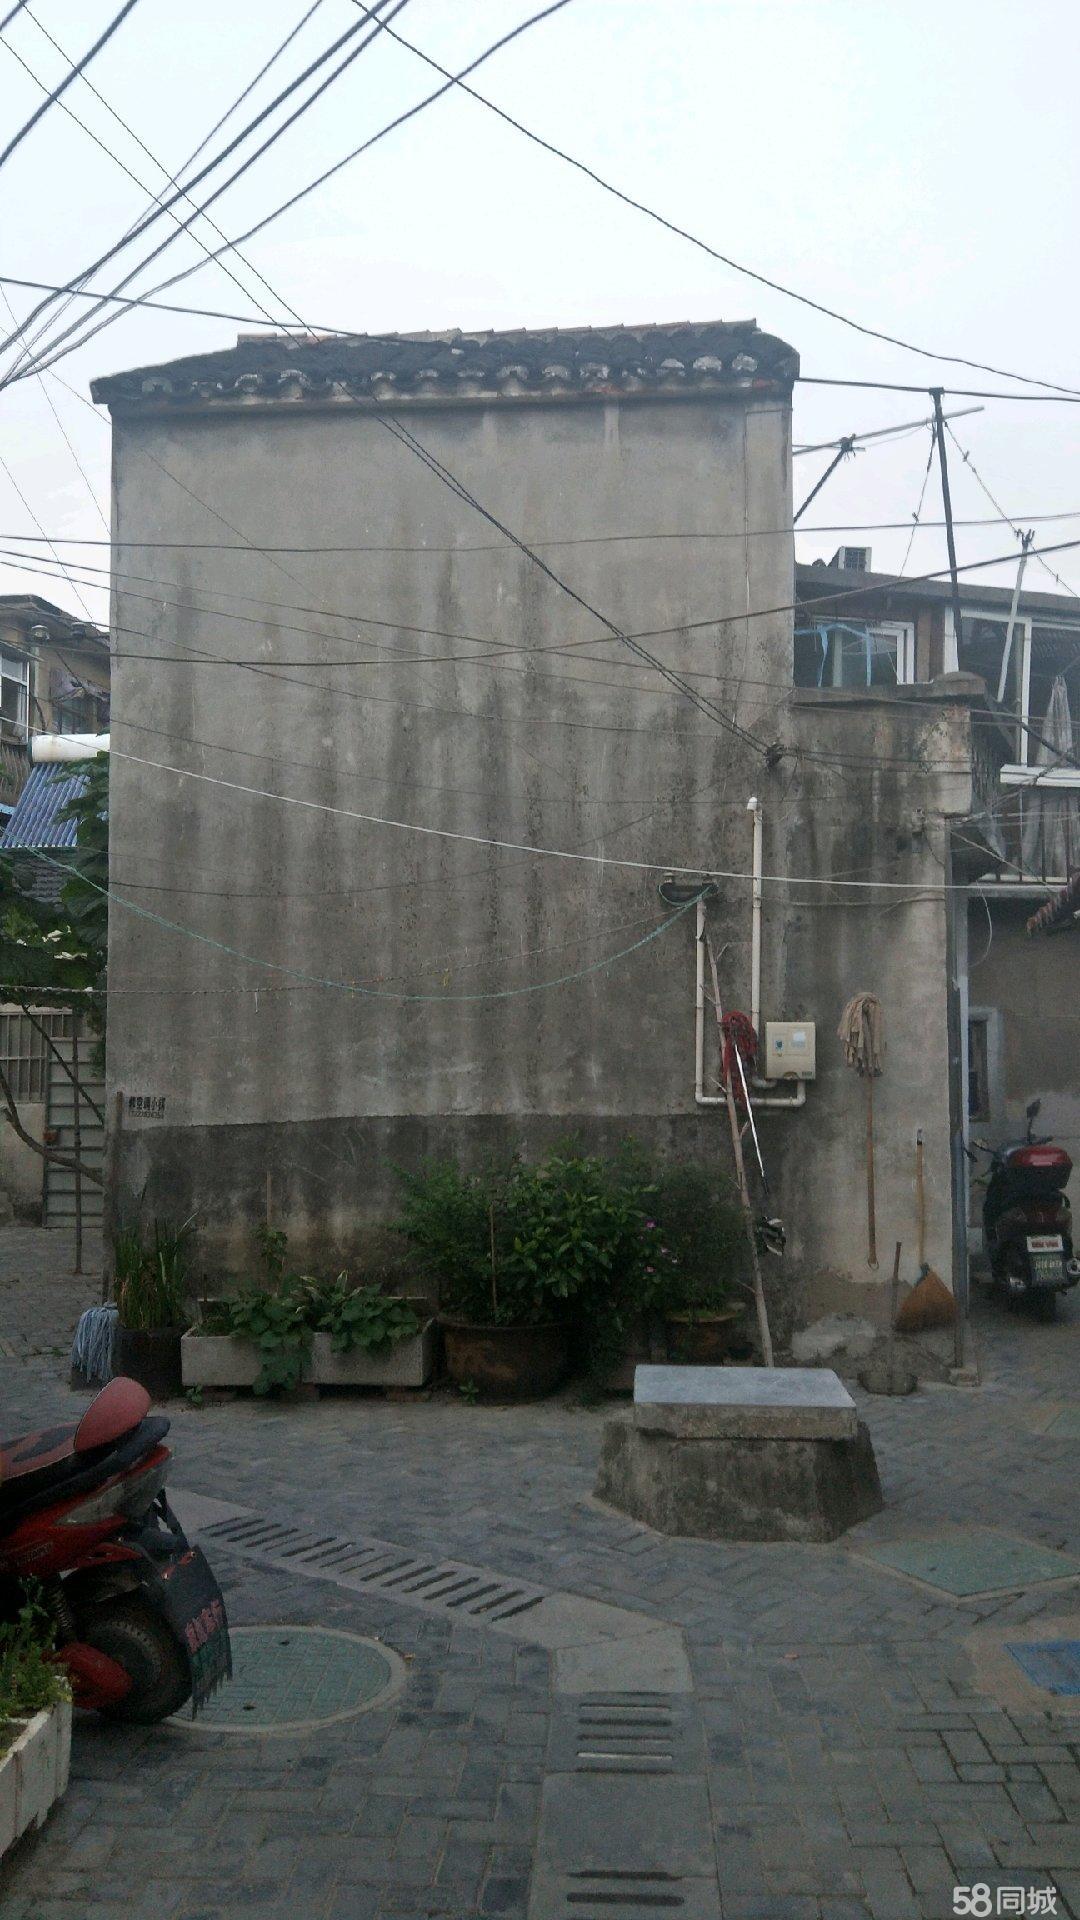 丁蜀镇 街上独栋小洋房,有产证可以过户哦!